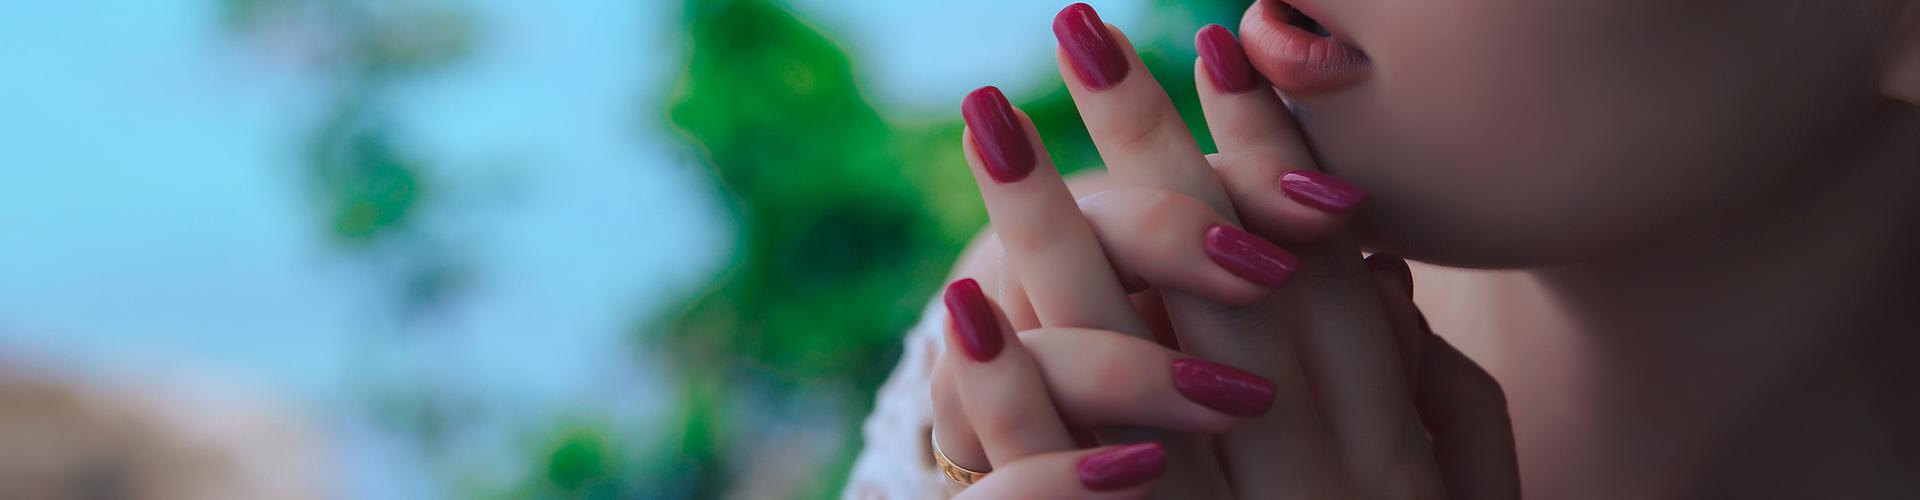 jessica manicure